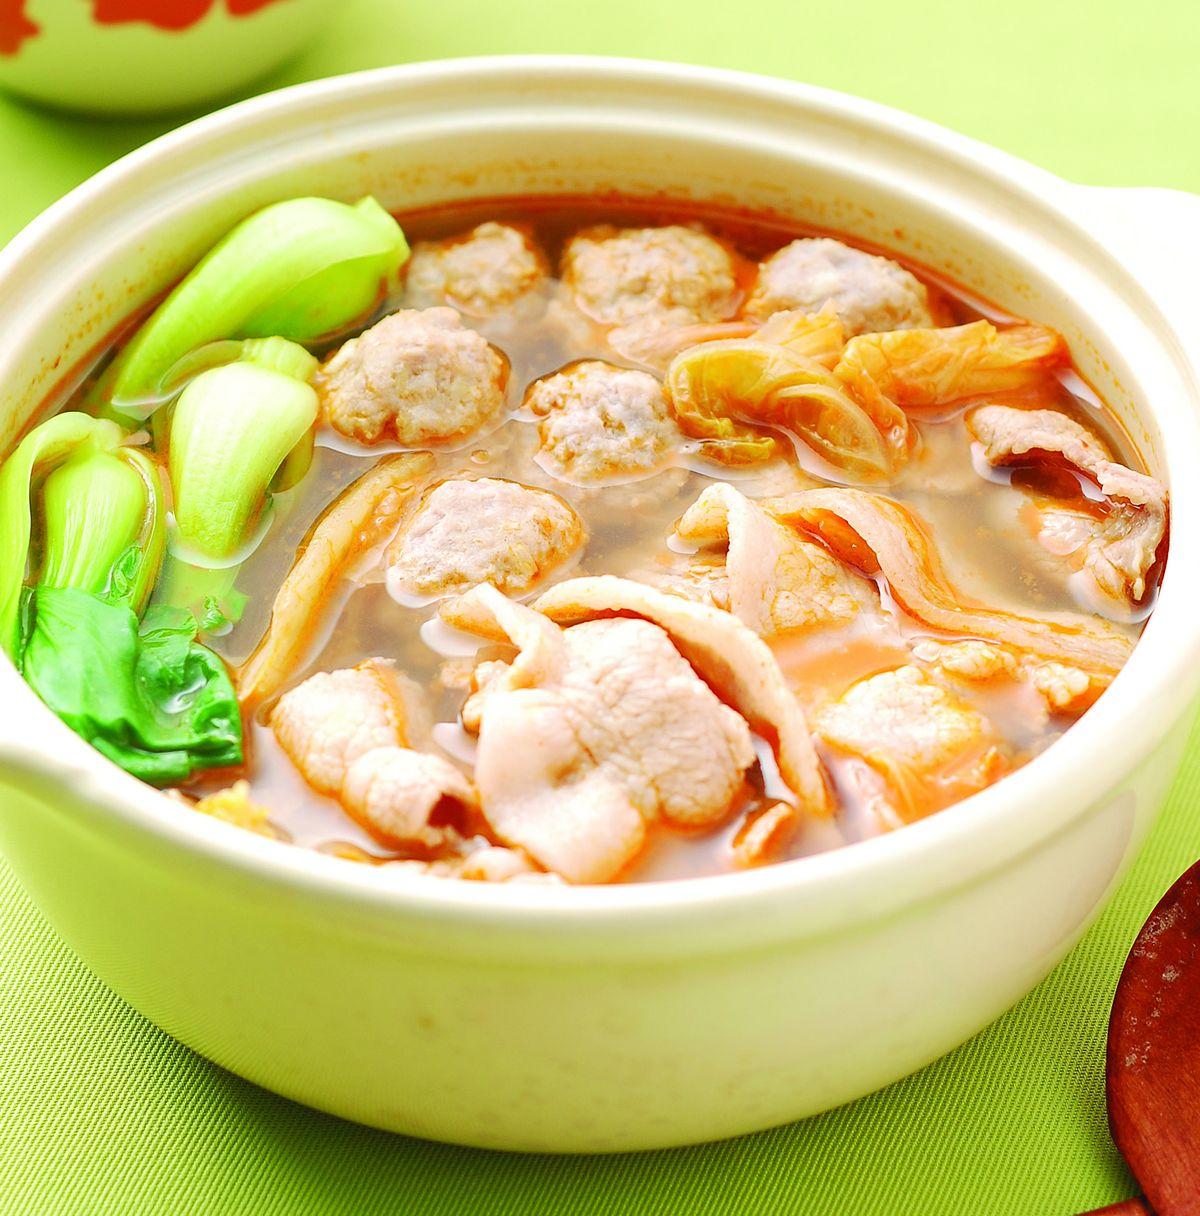 食譜:泡菜豬肉鍋